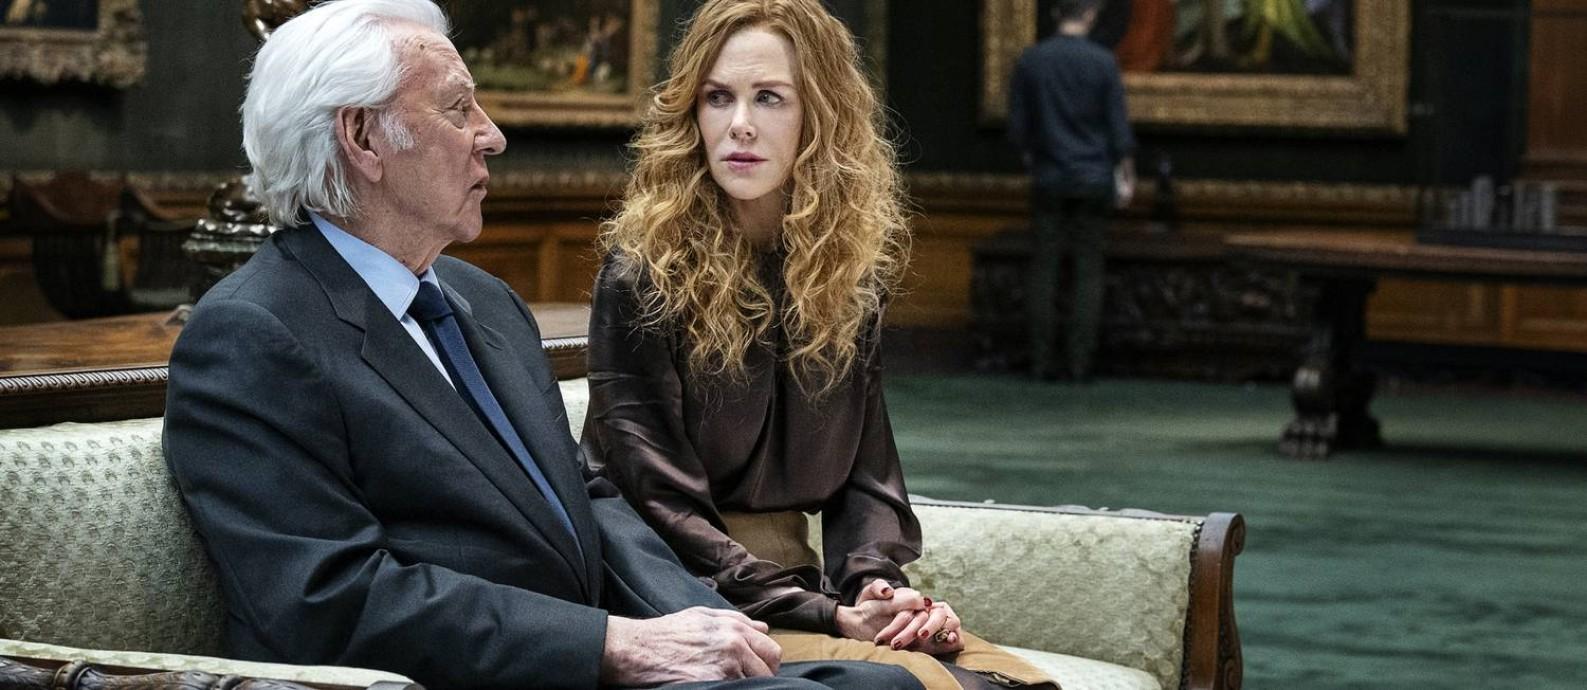 """Nicole Kidman e Donald Sutherland em cena das minissérie """"The undoing"""" Foto: David Giesbrecht / Divulgação"""